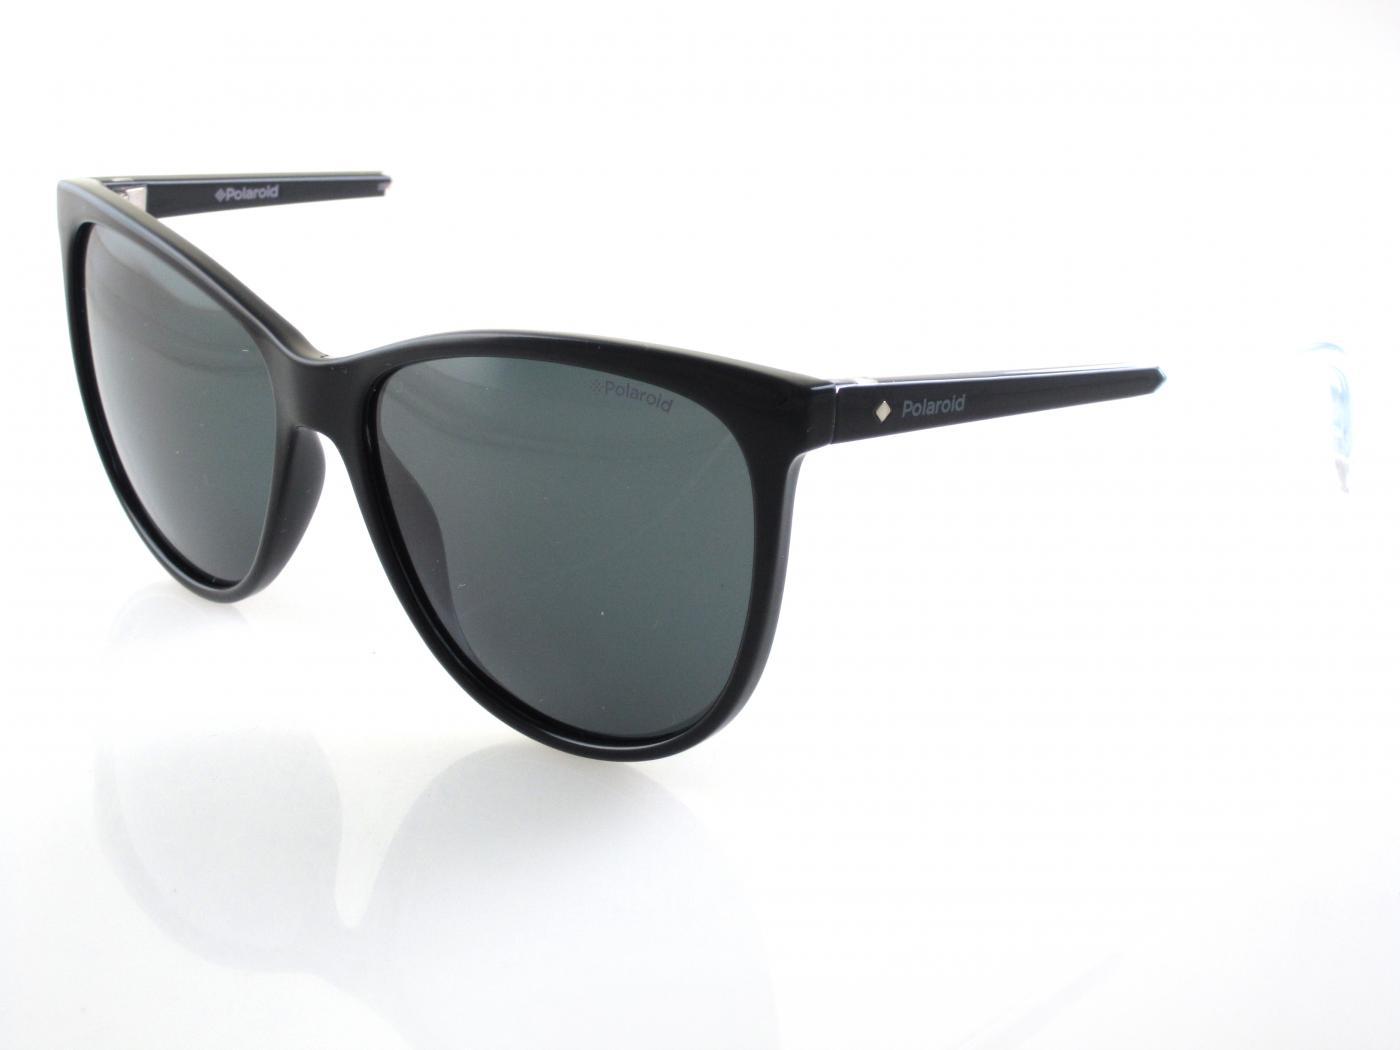 176ec4e5a Dámske slnečné okuliare Polaroid | oftalens.sk